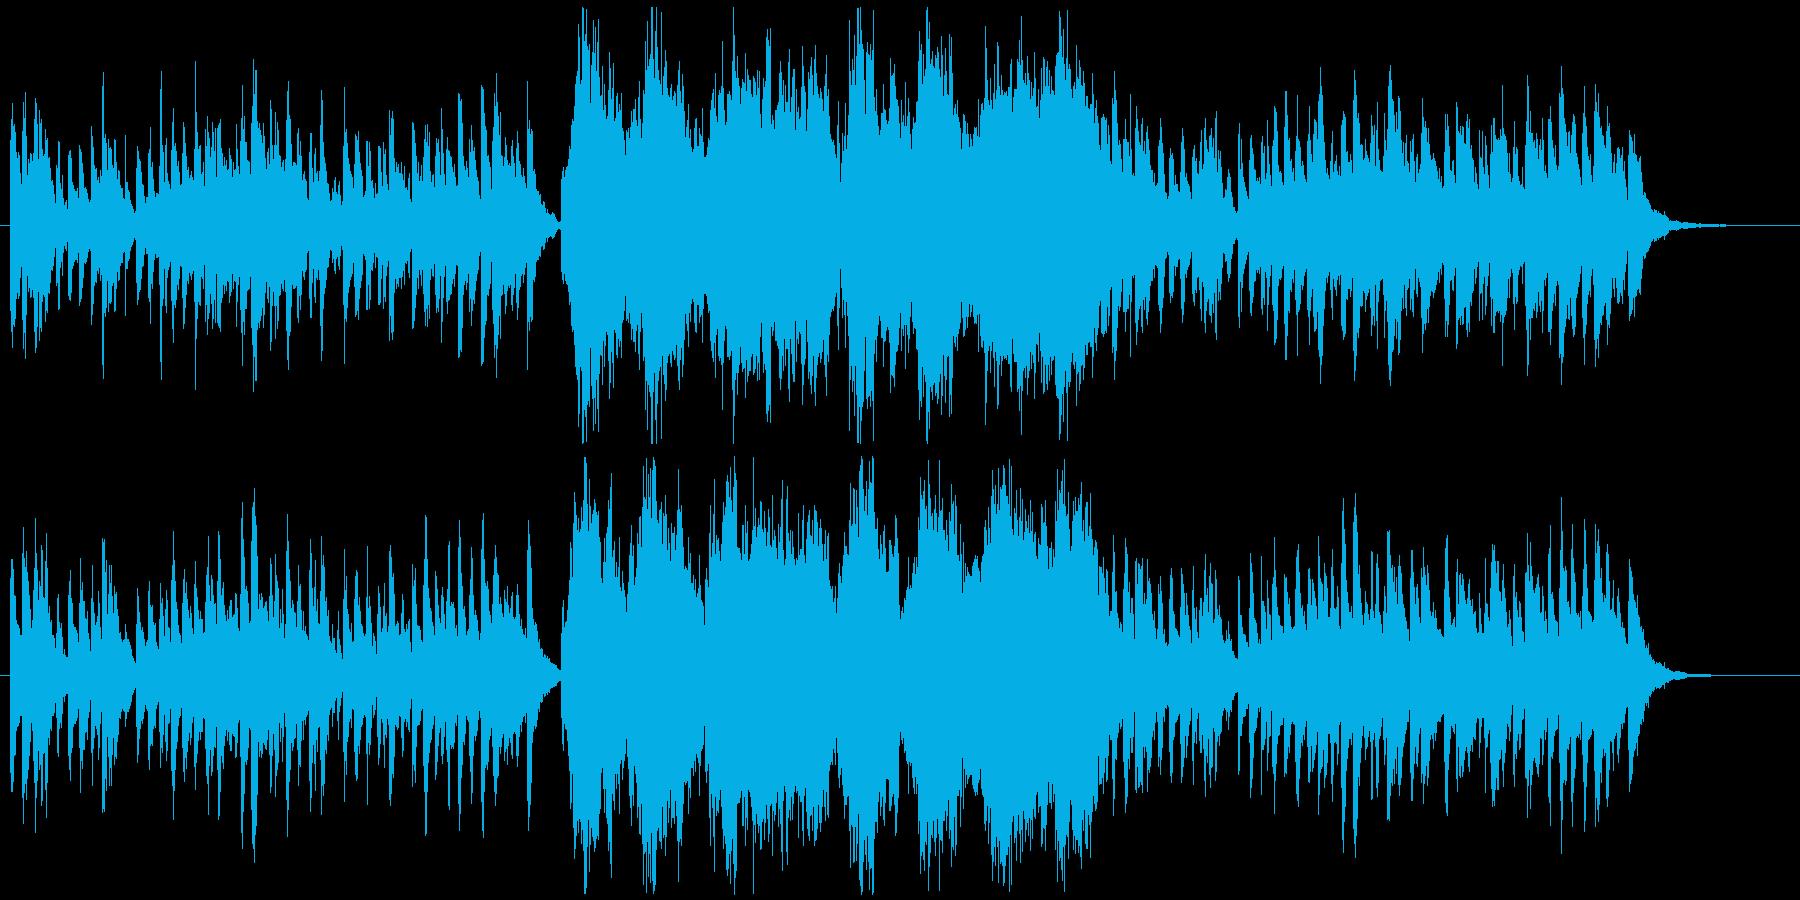 冬のトイピアノとストリングスBGMの再生済みの波形